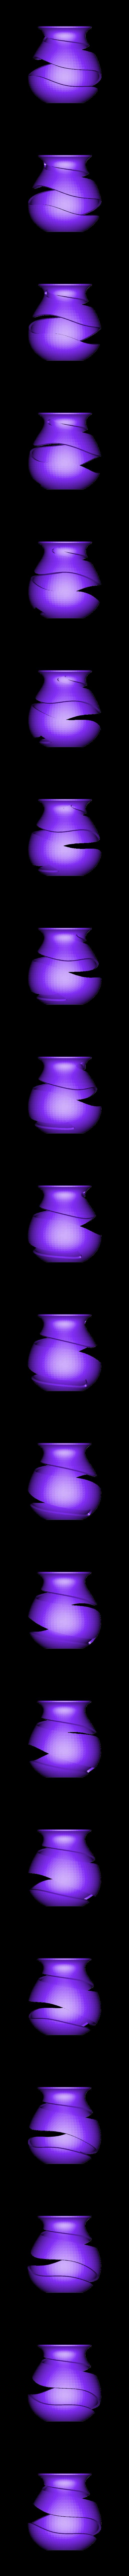 vase-art2.STL Télécharger fichier STL gratuit Vase Art 2 • Plan pour impression 3D, Scorpio3D